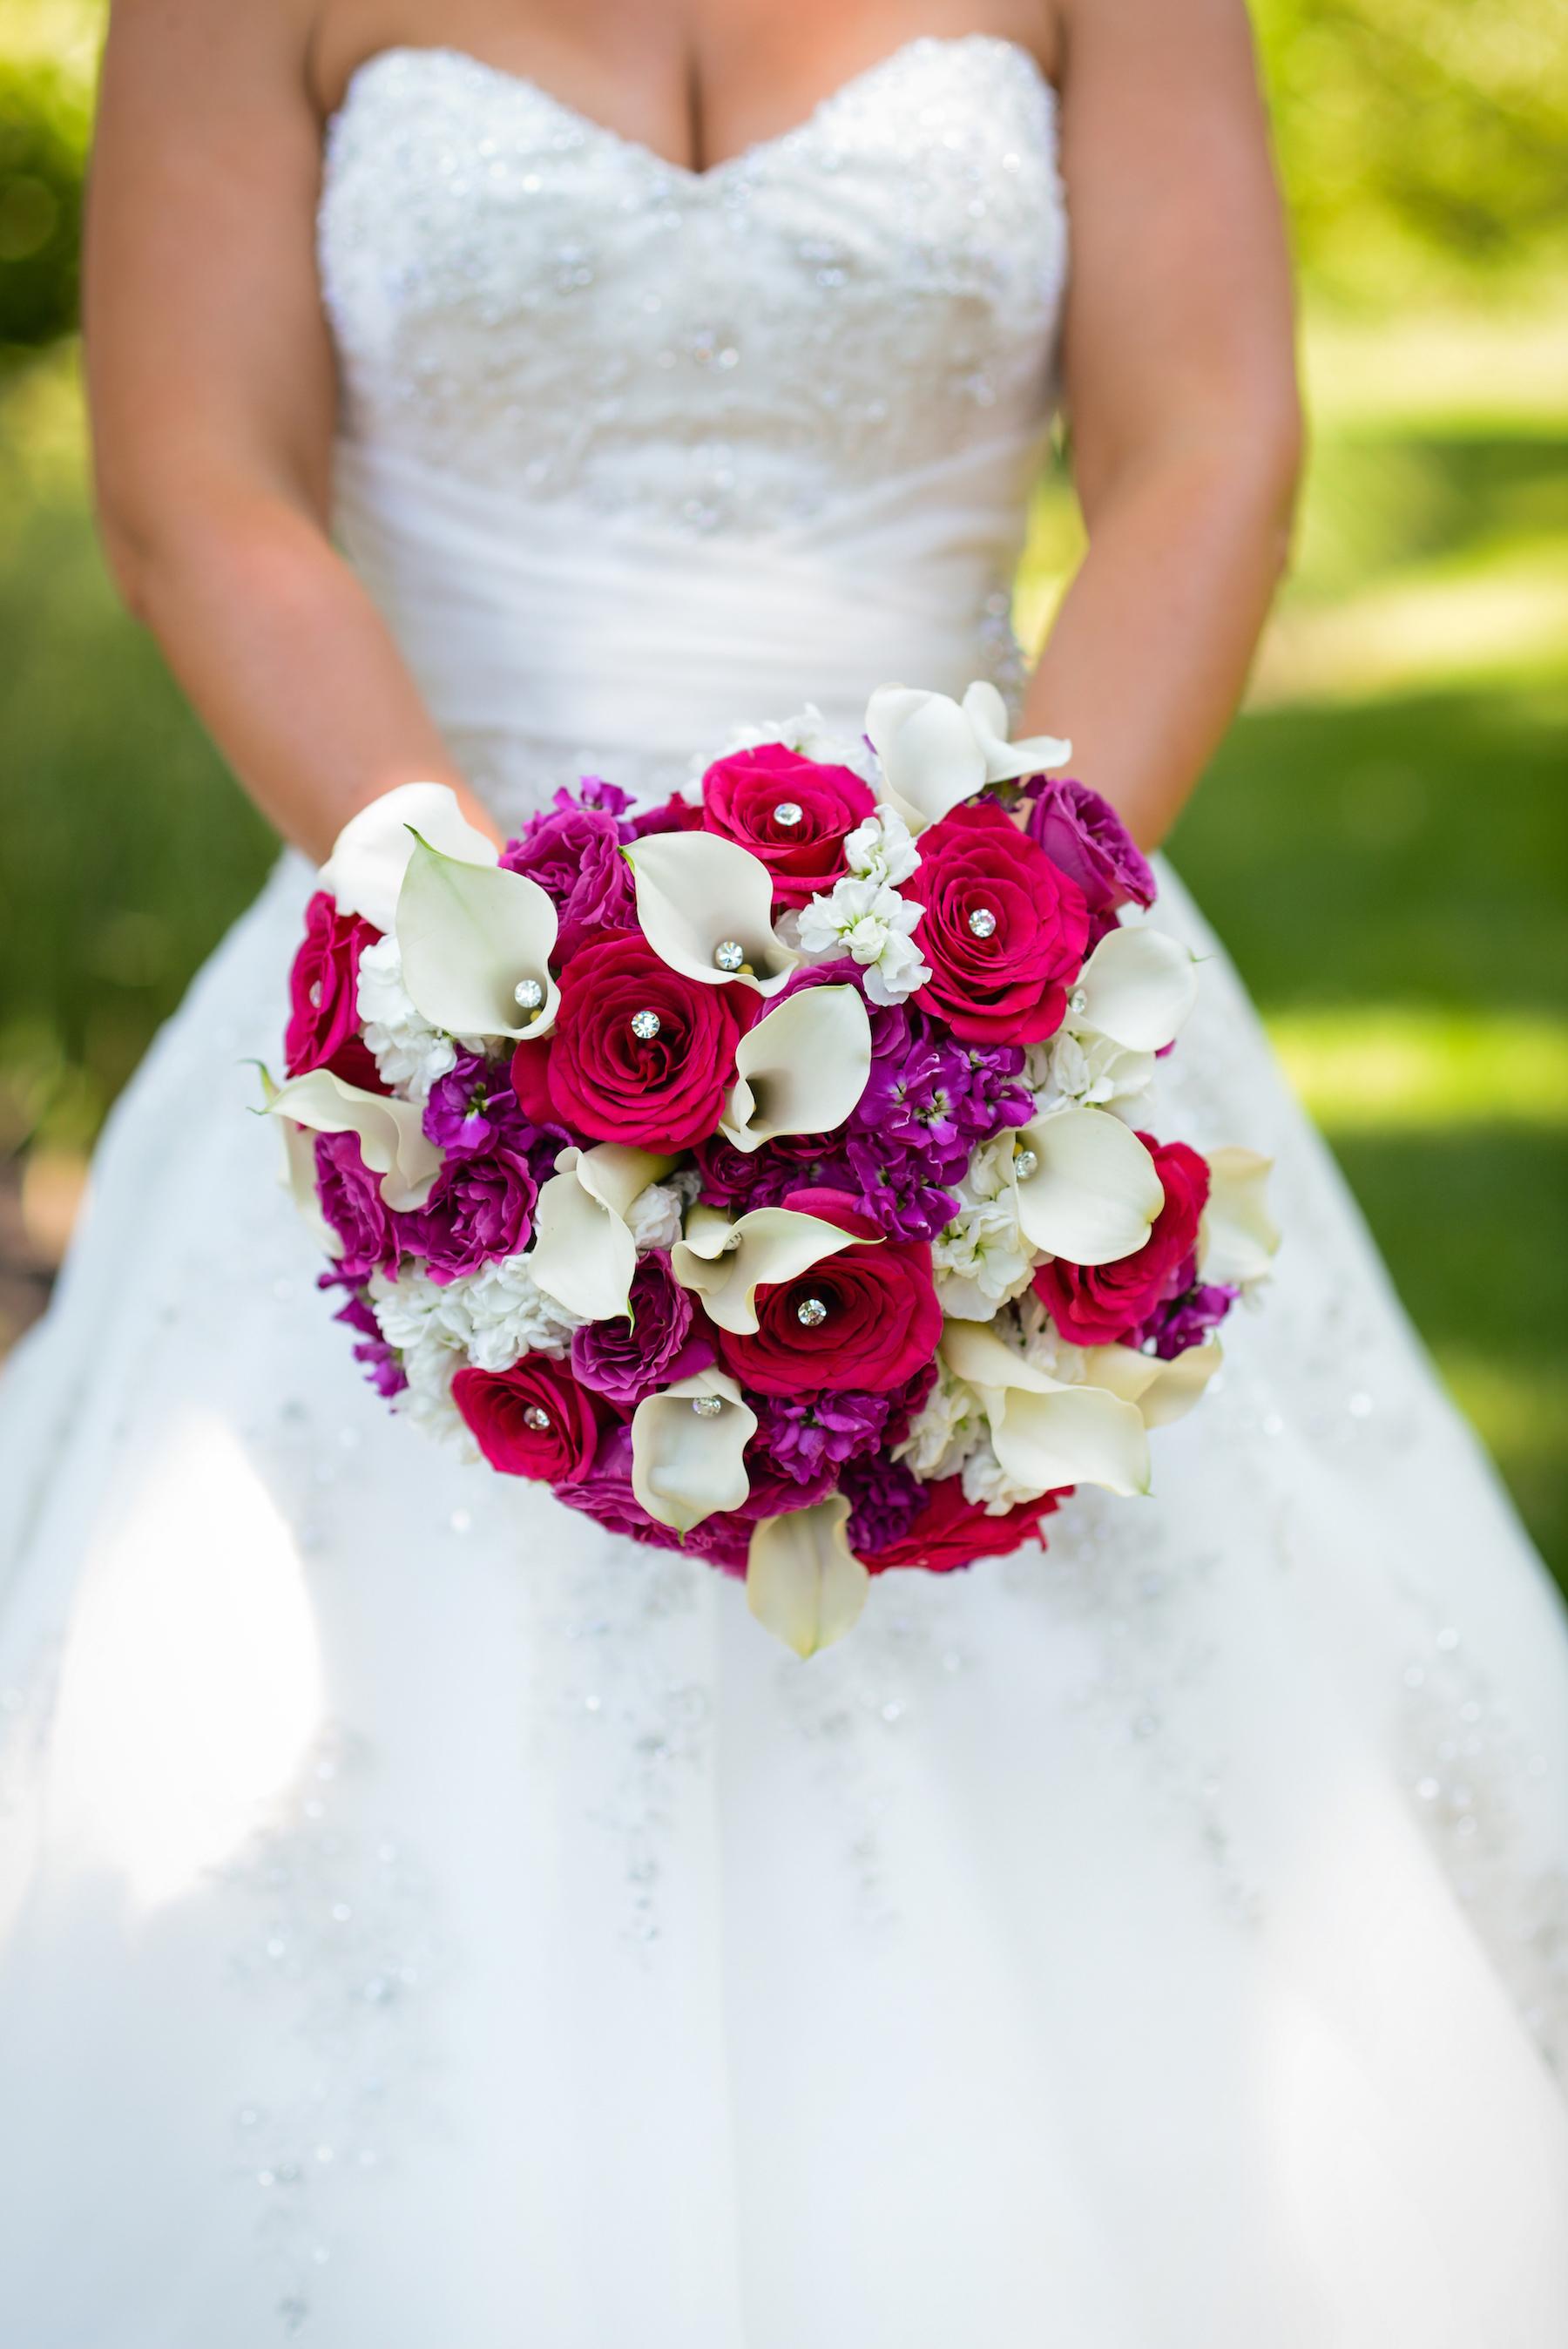 rockleigh-country-club-wedding-veroluce-photos-18